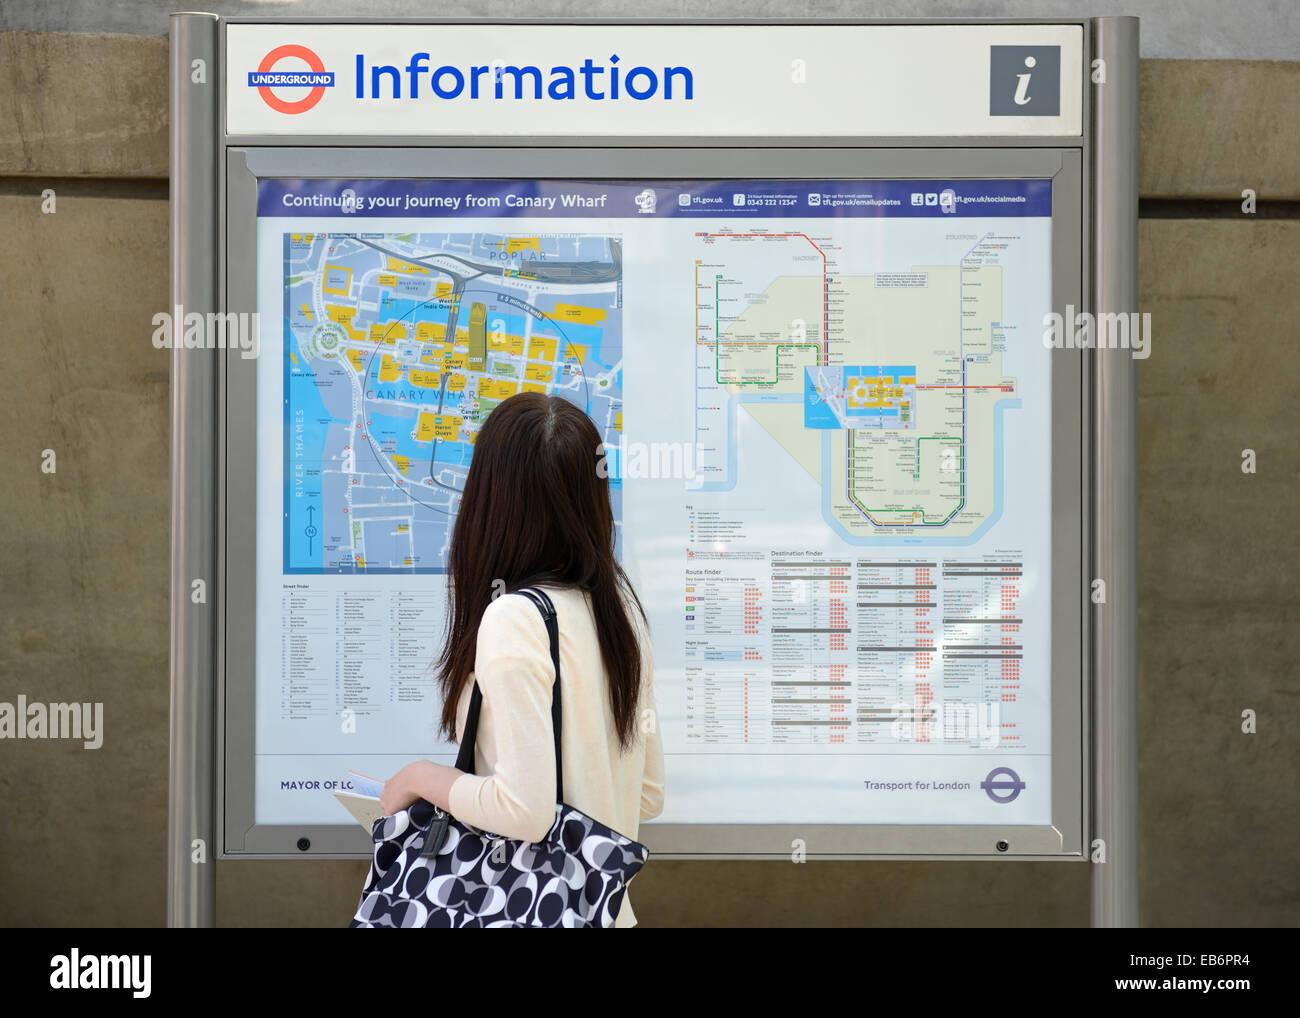 Donna che guarda la mappa di una città con Informazioni di viaggio, Canary Wharf, London, Regno Unito. Immagini Stock